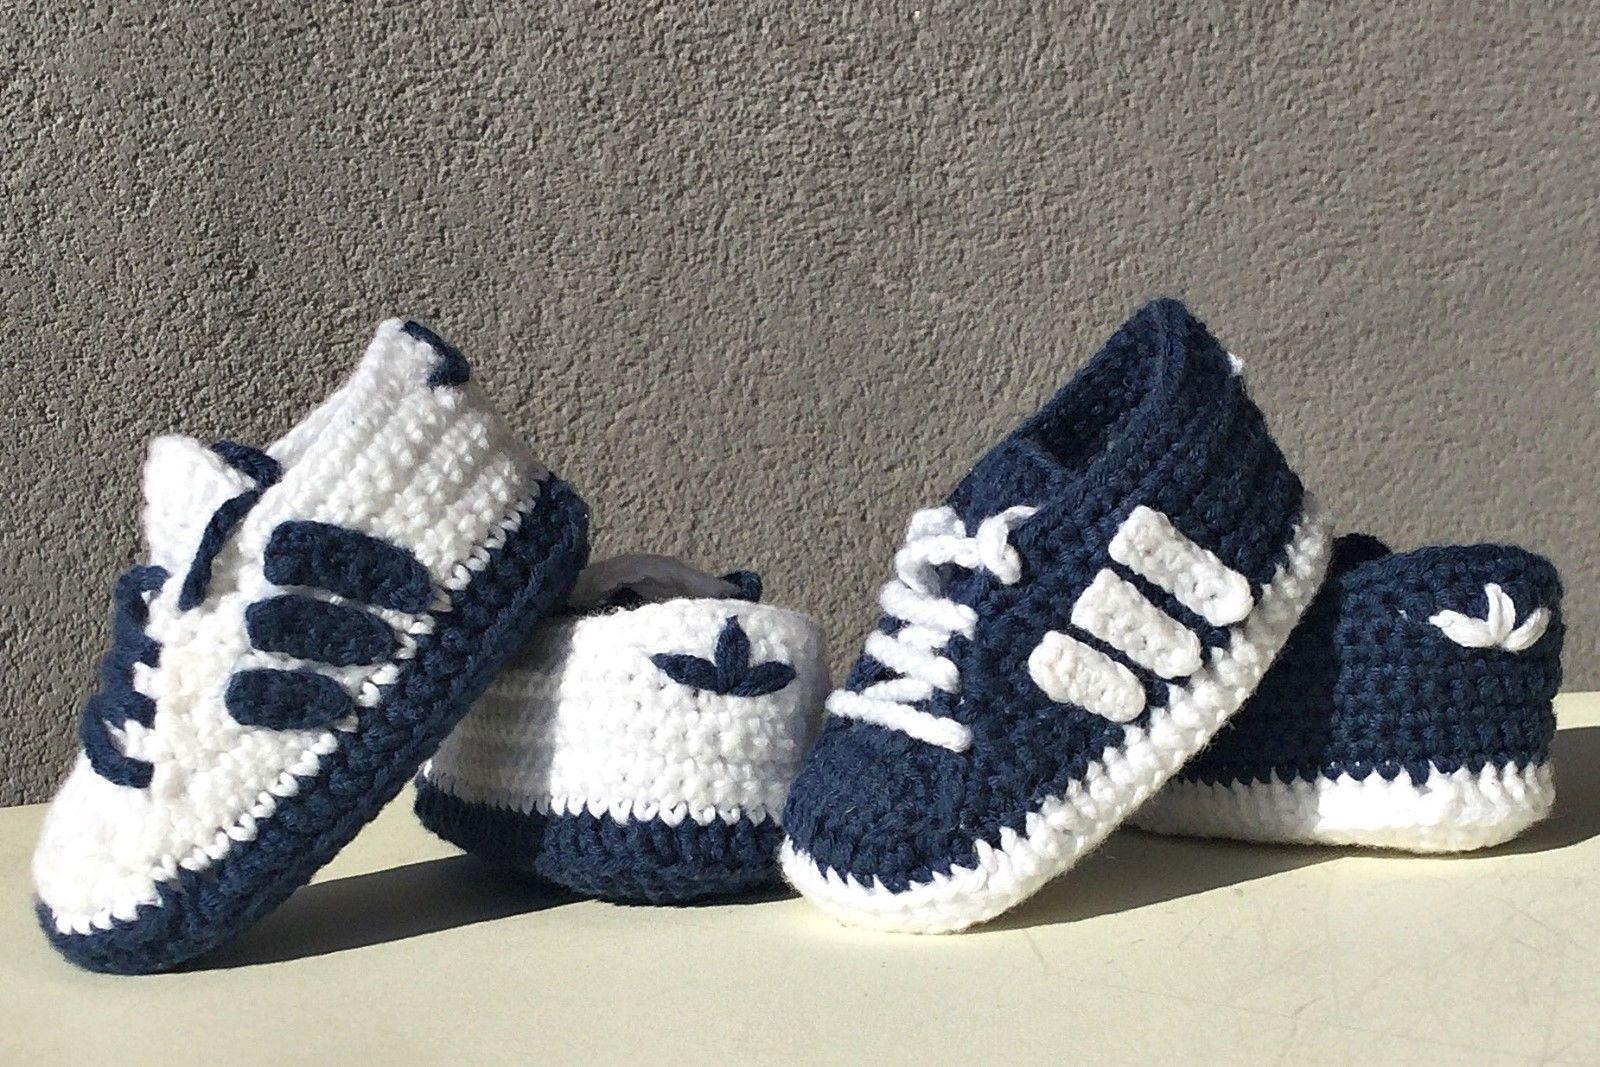 Milagroso conciencia Favor  Zapatos zapatitos bebé crochet recién nacido, patucos talla 8,5 cm estilo  adidas | Bebés, Ropa, calzado… | Botas de crochê, Sapatinho de crochê,  Crochê para meninos